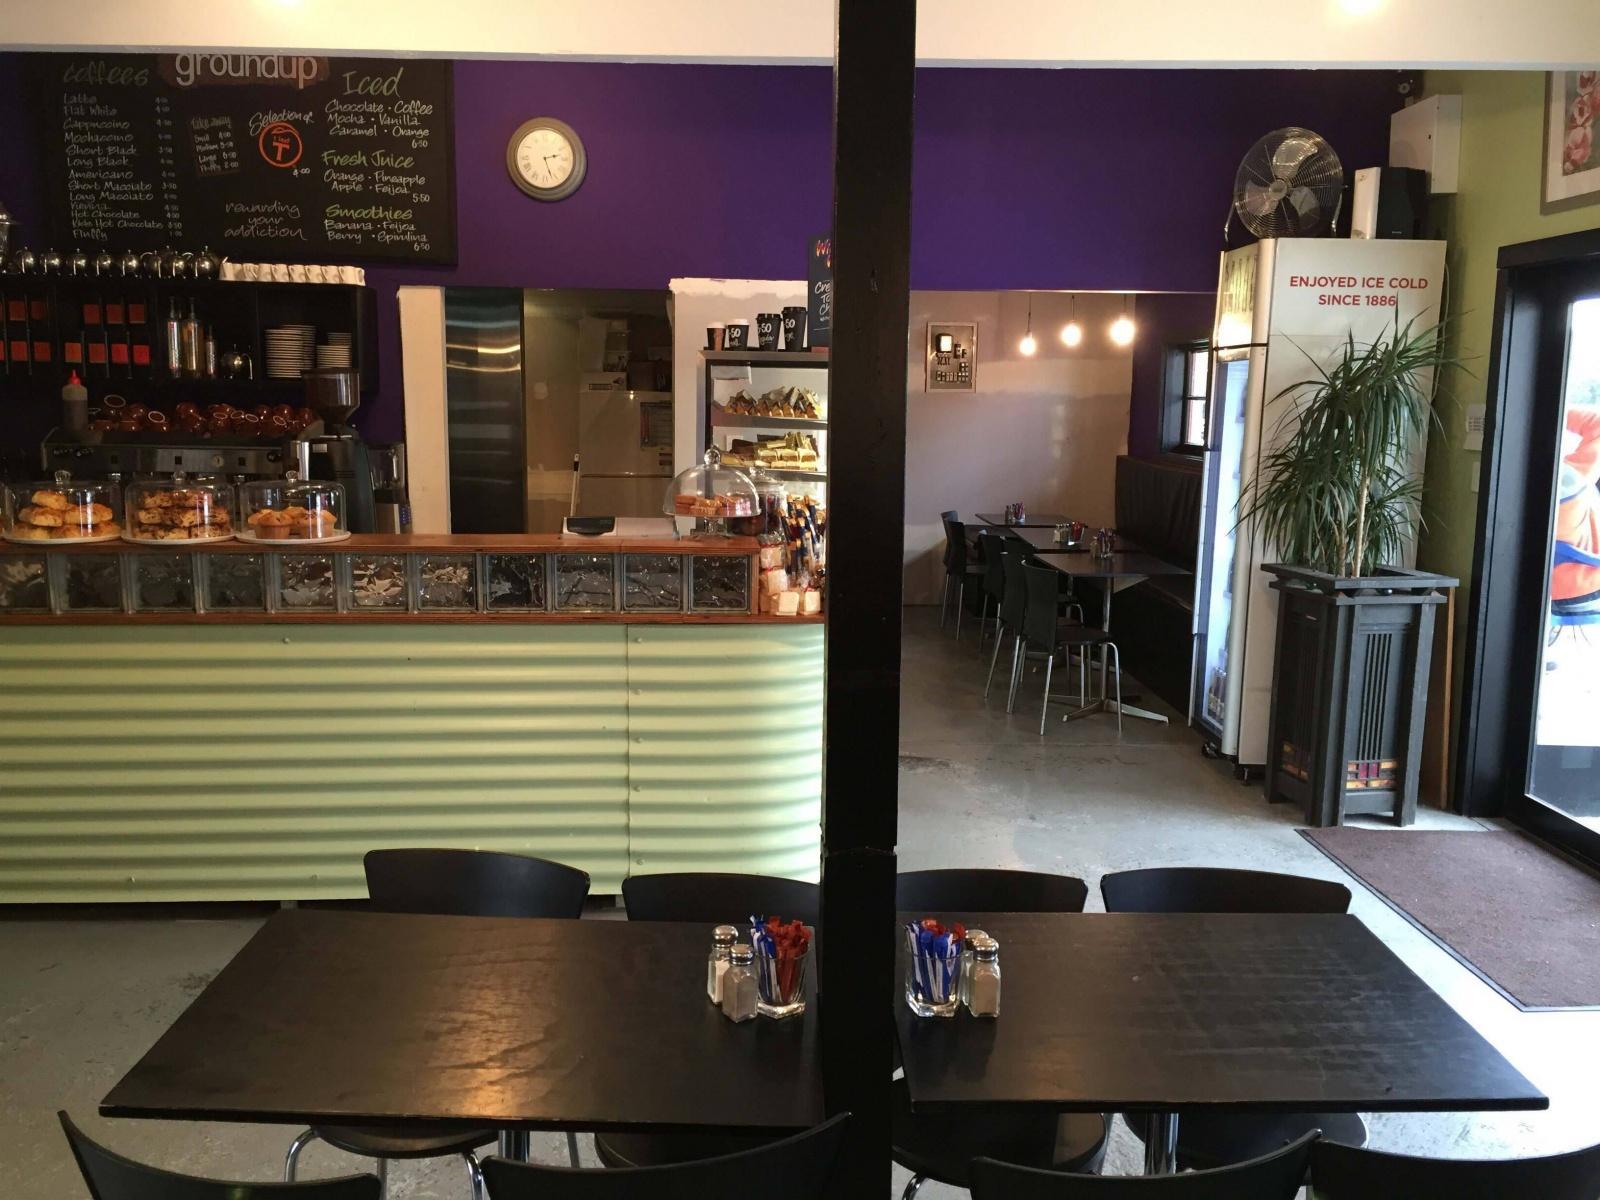 Groundup Cafe